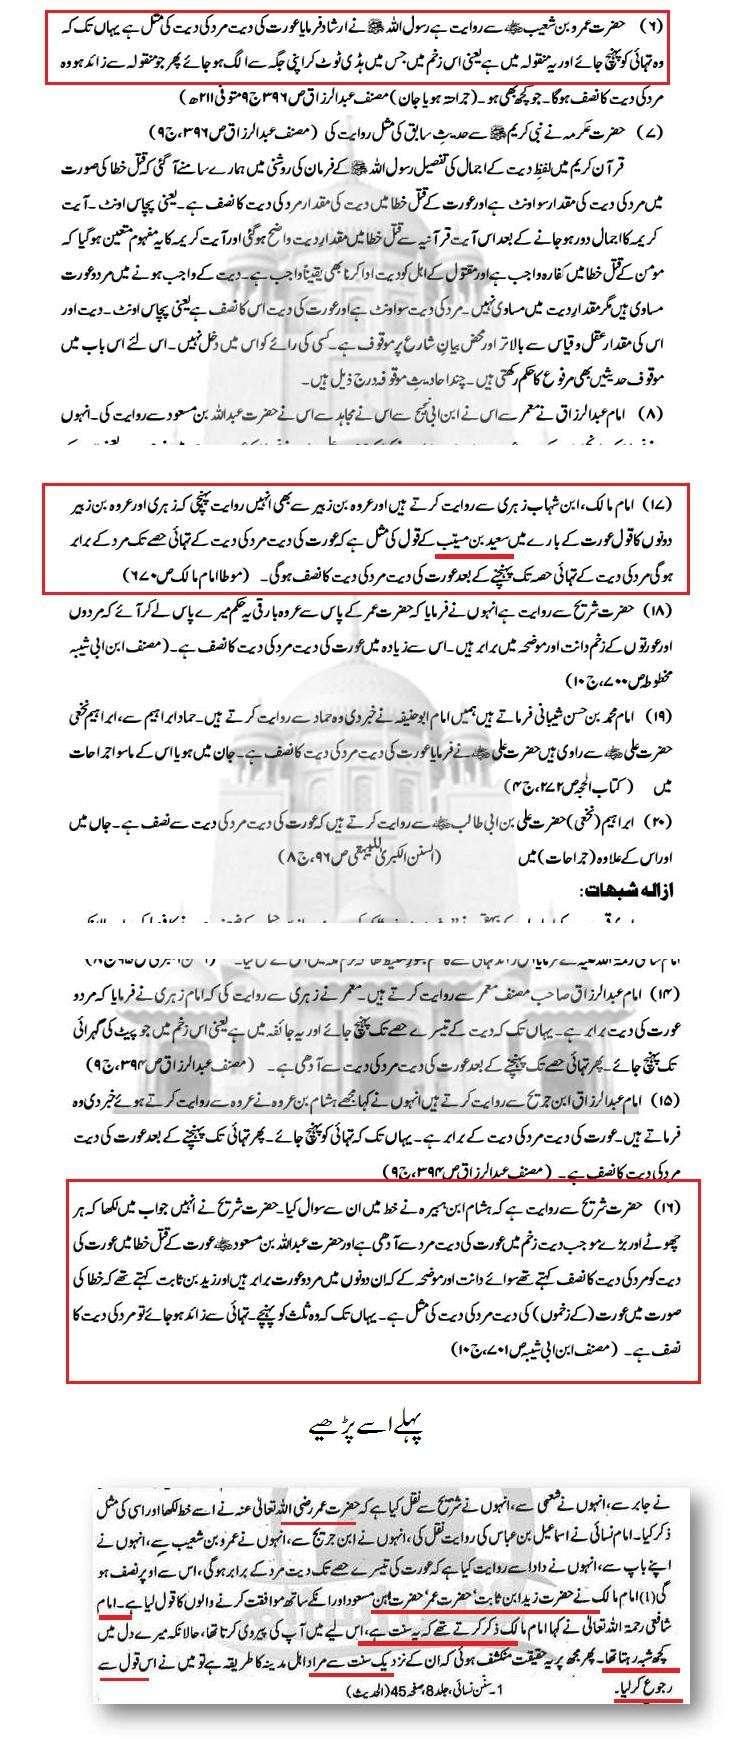 دیت کی جعلی فتوی فیکٹری پر منہاج القرآن کی فتح کا جھنڈا - Page 2 Qasim_26